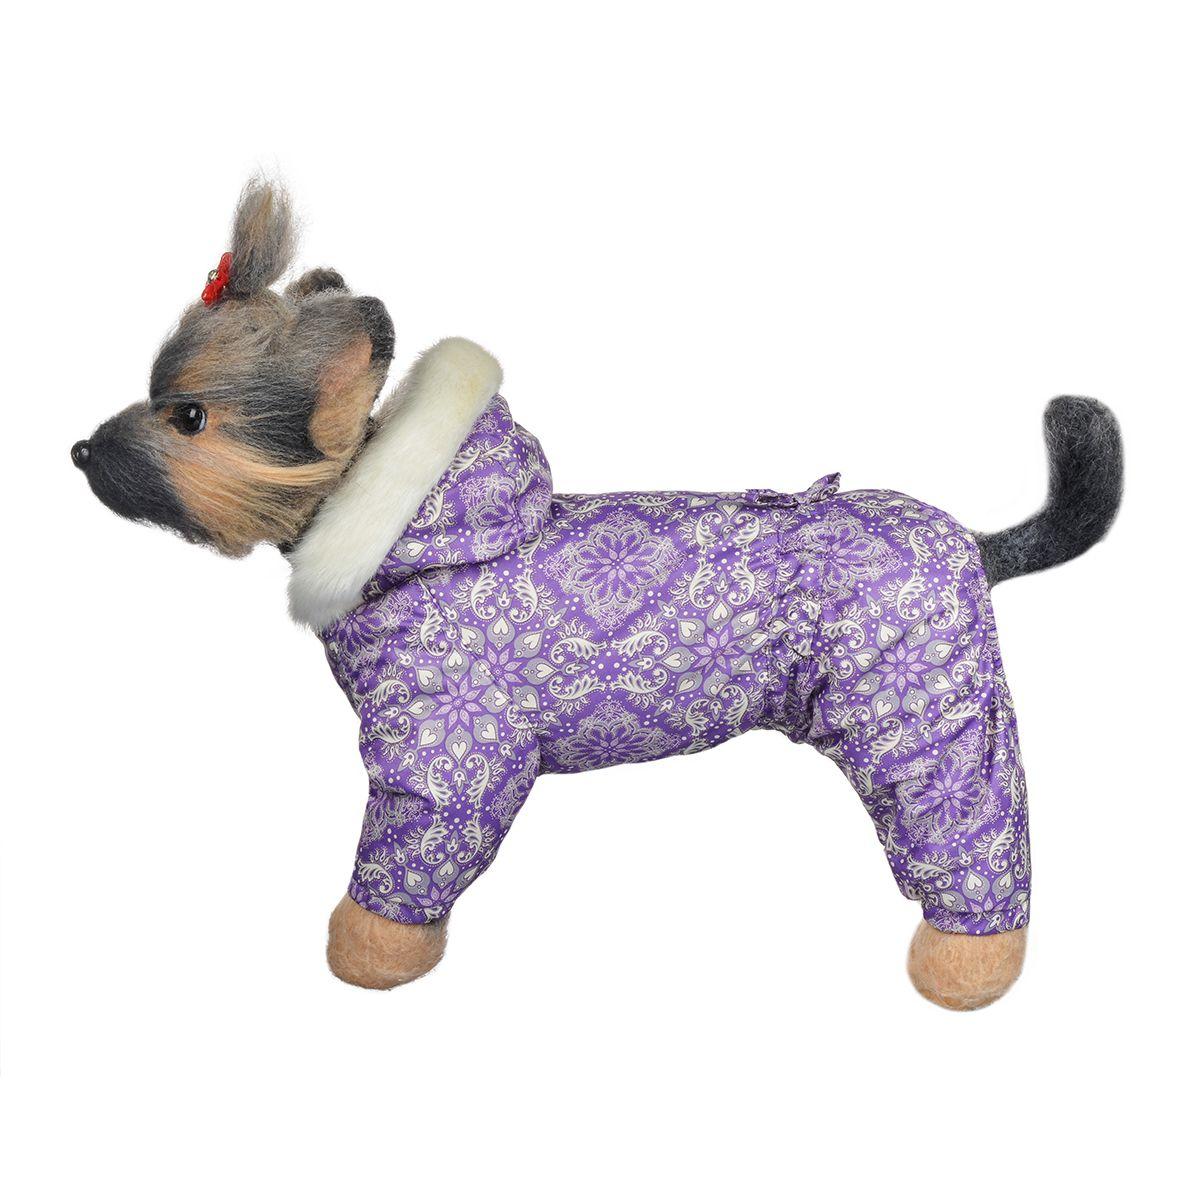 Комбинезон для собак Dogmoda Winter, зимний, для девочки, цвет: фиолетовый, белый, серый. Размер 2 (M)12171996Зимний комбинезон для собак Dogmoda Winter отлично подойдет для прогулок в зимнее время года.Комбинезон изготовлен из полиэстера, защищающего от ветра и снега, с утеплителем из синтепона, который сохранит тепло даже в сильные морозы, а на подкладке используется искусственный мех, который обеспечивает отличный воздухообмен. Комбинезон с капюшоном застегивается на кнопки, благодаря чему его легко надевать и снимать. Капюшон украшен искусственным мехом и не отстегивается. Низ рукавов и брючин оснащен внутренними резинками, которые мягко обхватывают лапки, не позволяя просачиваться холодному воздуху. На пояснице комбинезон затягивается на шнурок-кулиску.Благодаря такому комбинезону простуда не грозит вашему питомцу.